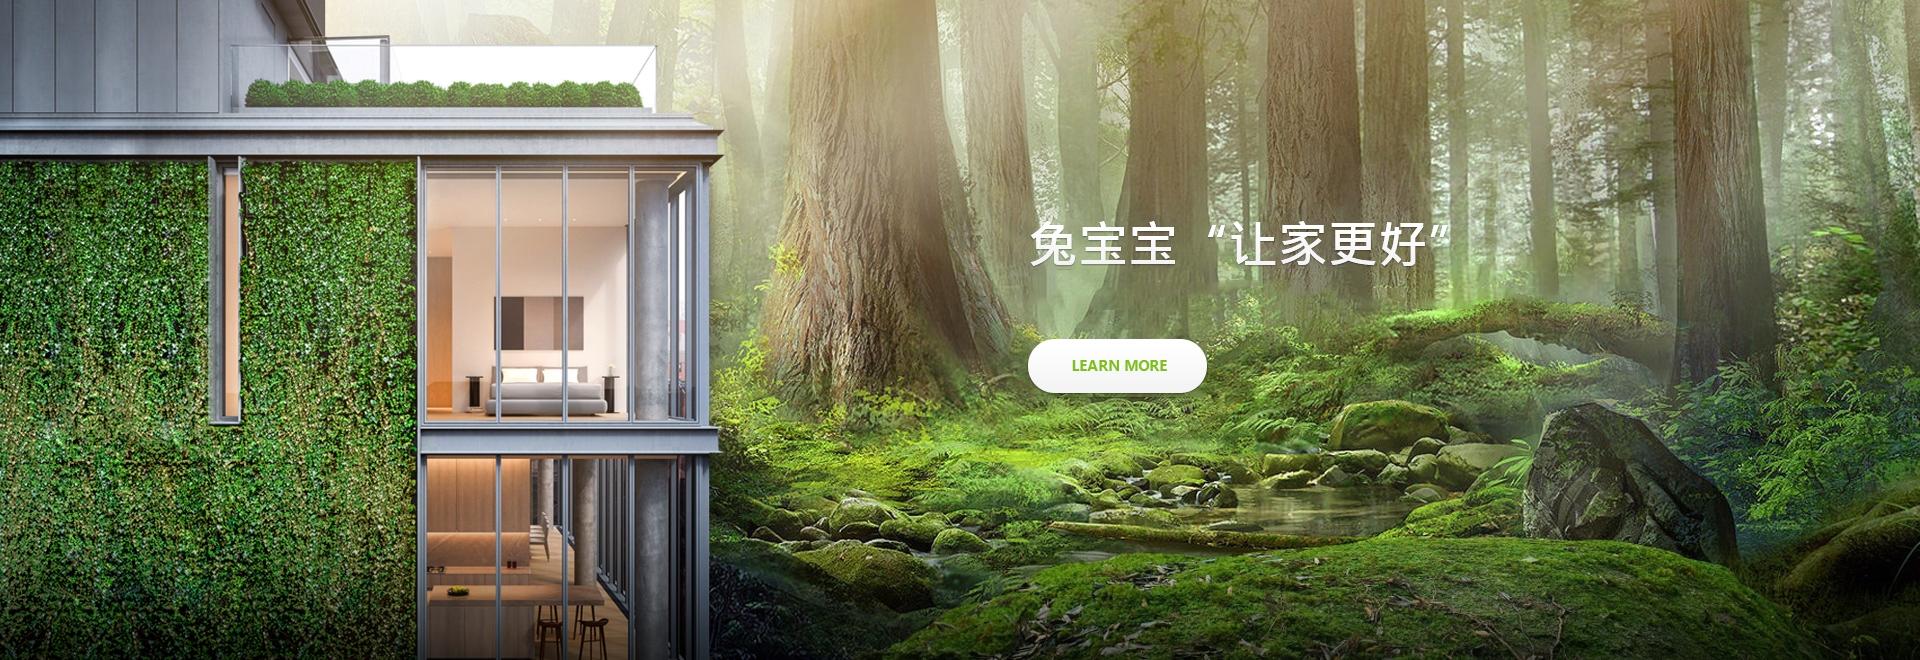 貴陽市欣春圓整體家居裝飾材料銷售有限公司公司介紹